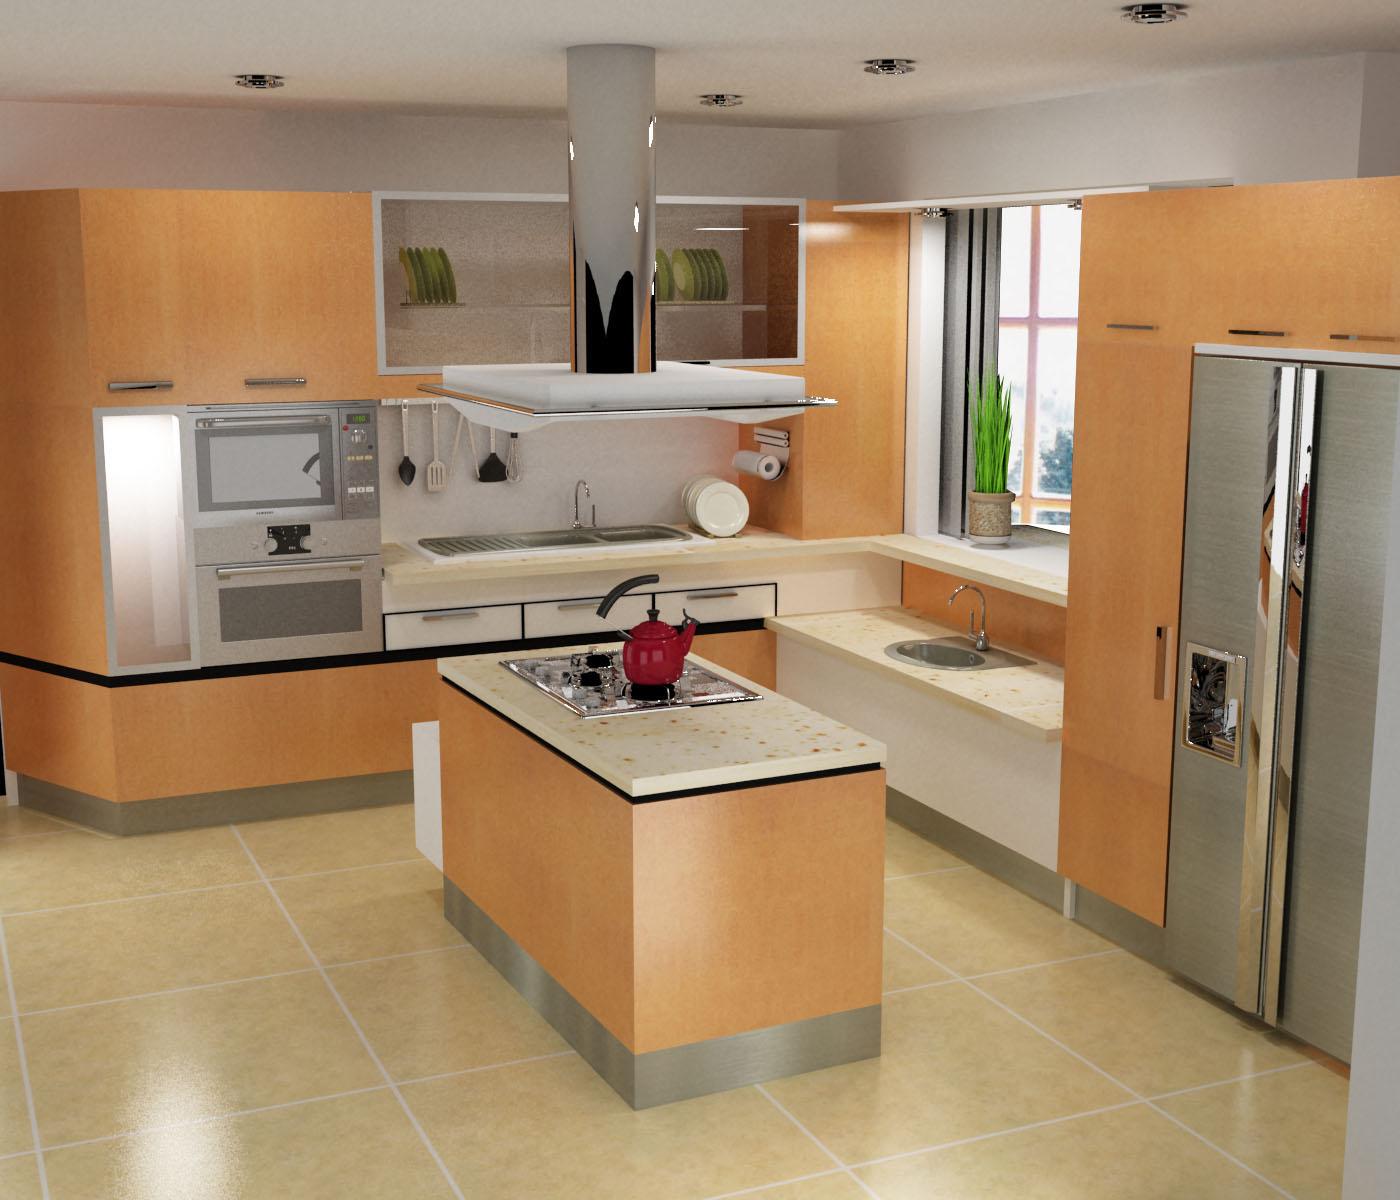 Remodelaciones de cocinas integrando la cocina a la sala for Cocinetas para cocinas pequenas